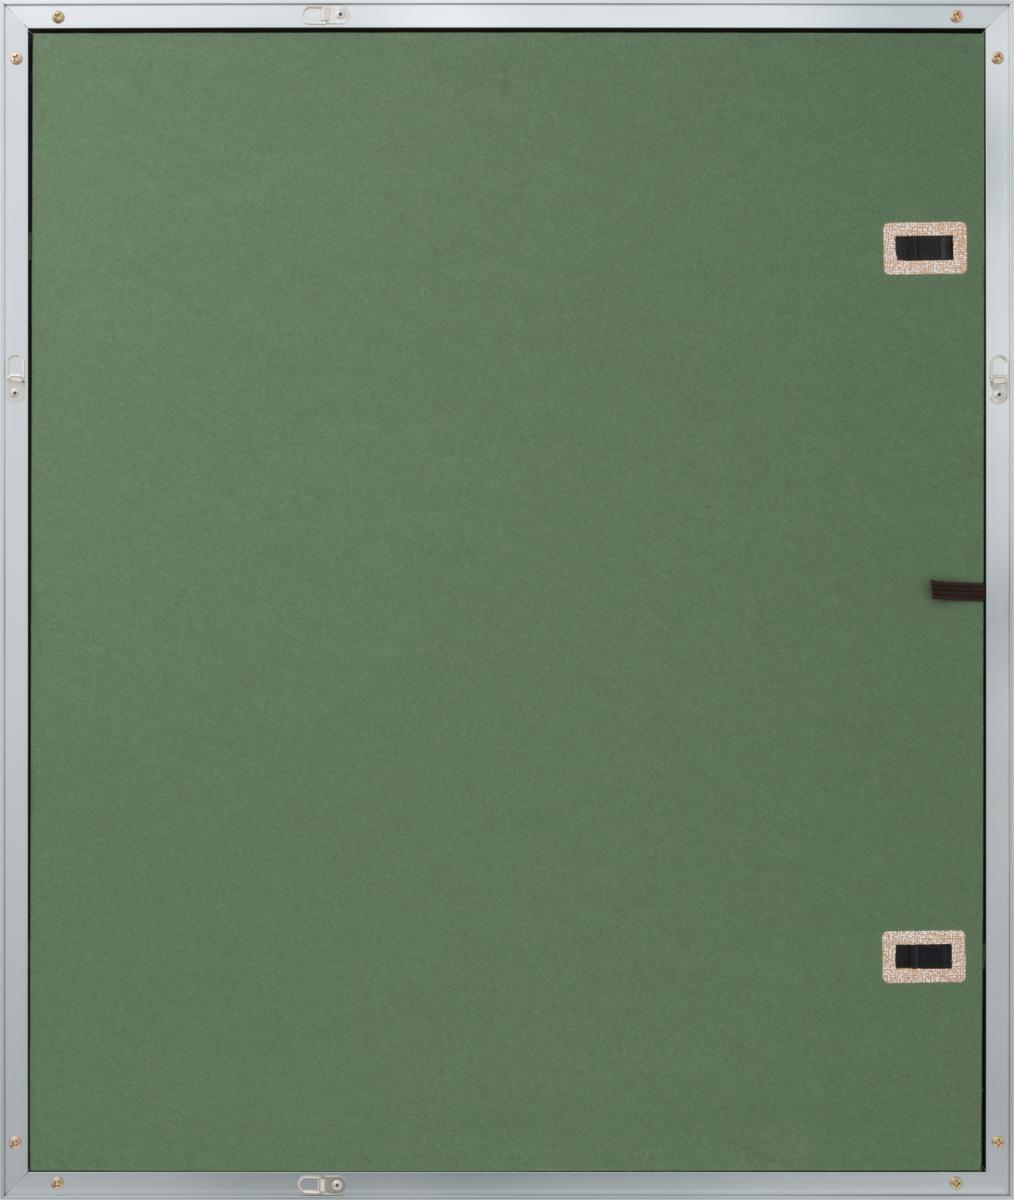 油絵額縁 油彩額縁 アルミフレーム 受注生産品 DA-603 シルバー マットC アクリル サイズF12号_画像3